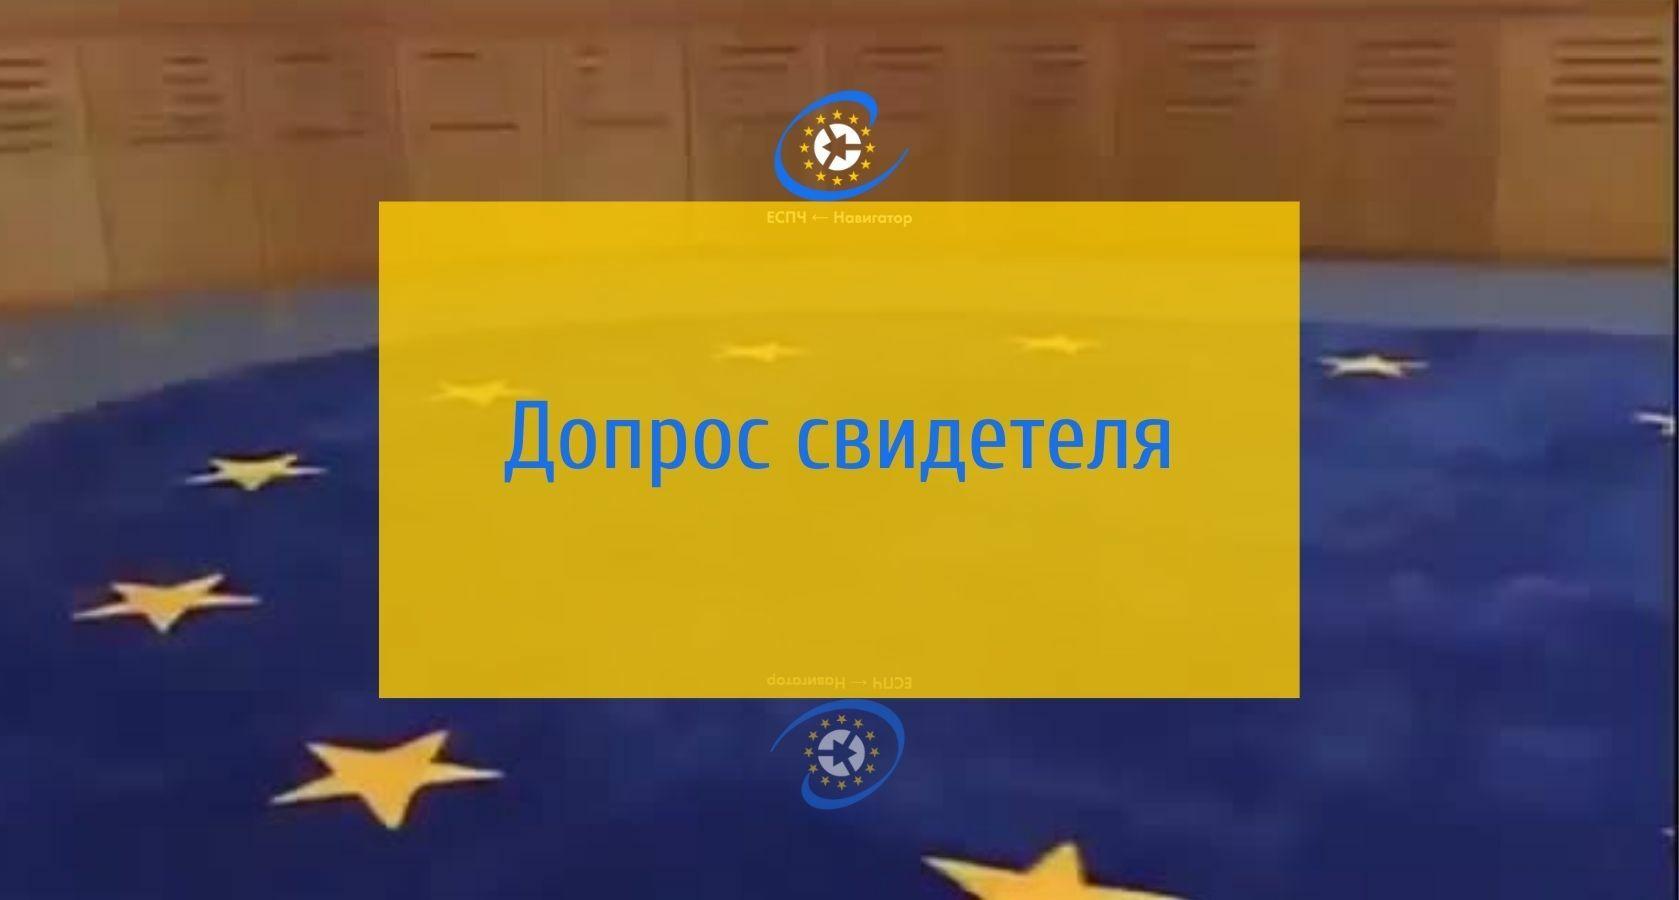 Допрос свидетеля и гарантии правды Европейского суда по правам человека